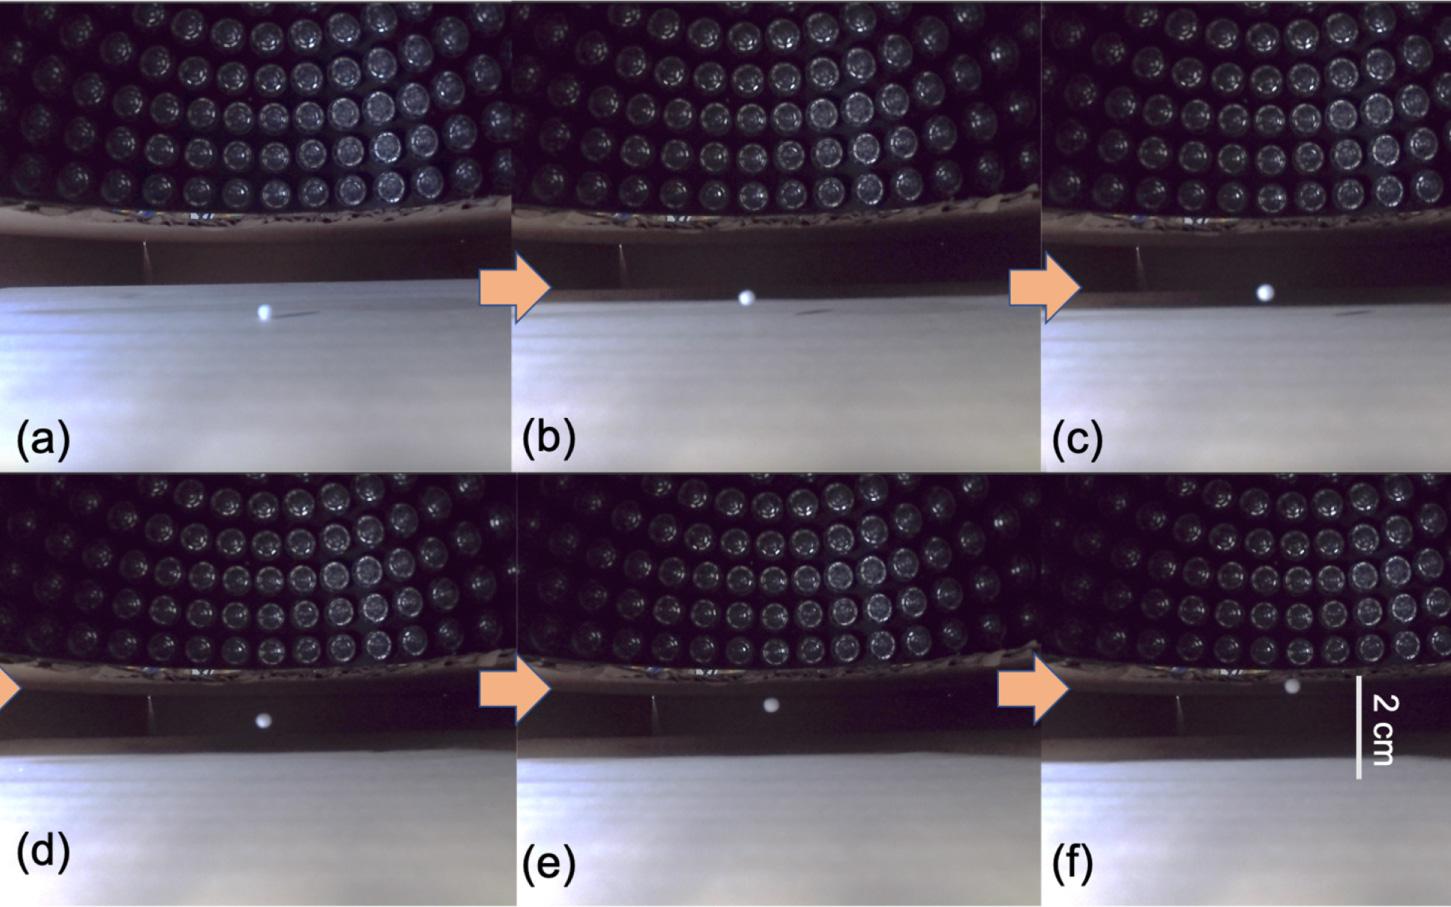 Không còn là viễn tưởng, các nhà khoa học đã tìm ra cách nâng vật thể mà không cần chạm vào